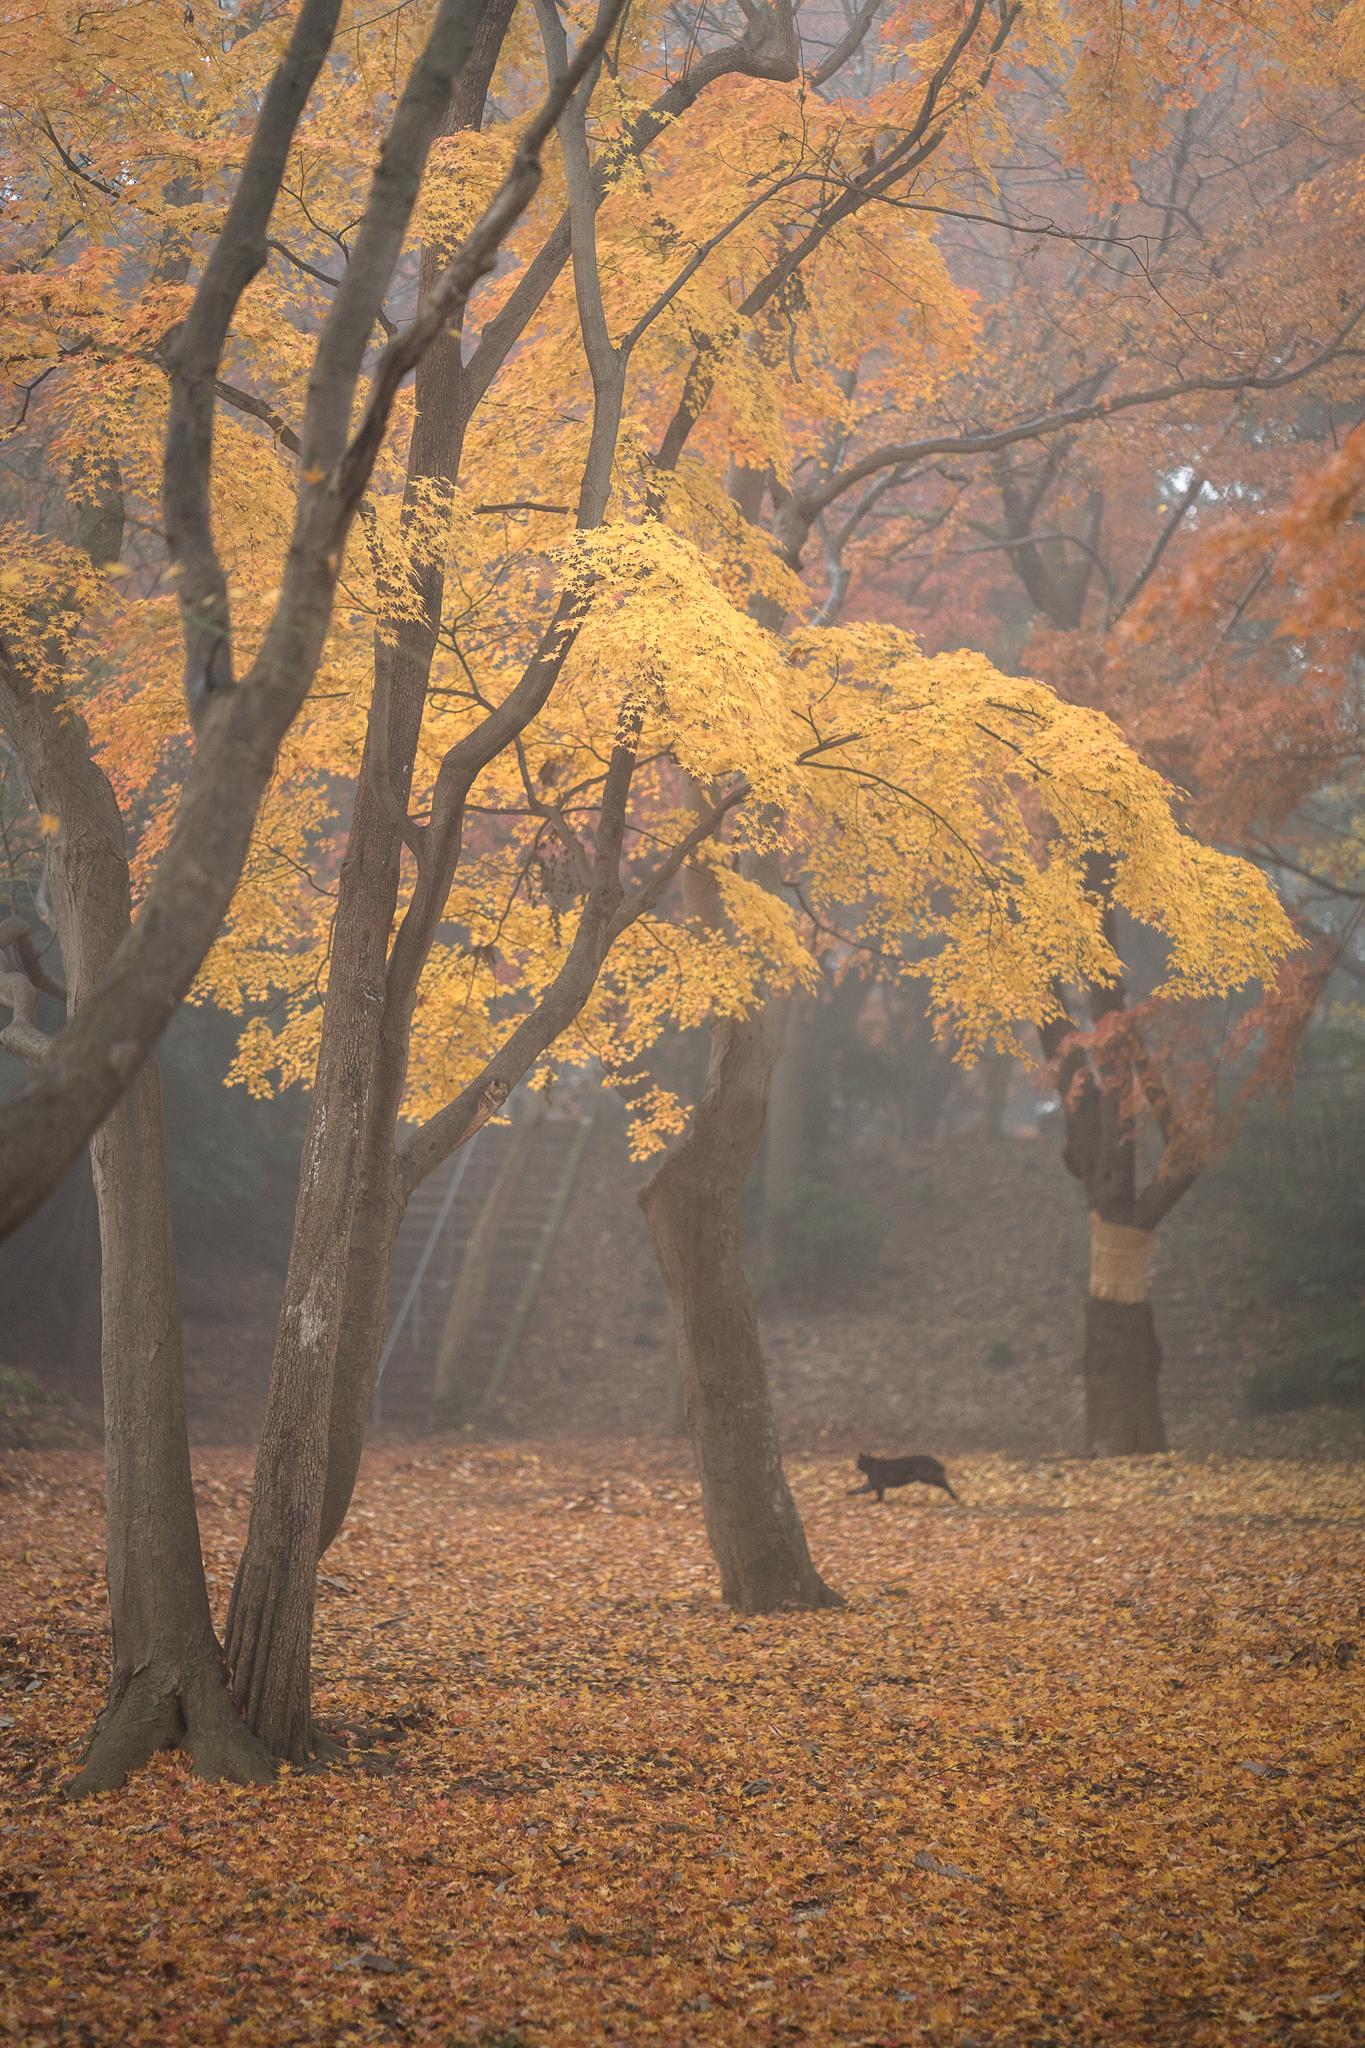 霧中の紅葉 2019年12月18日 里見公園より撮影